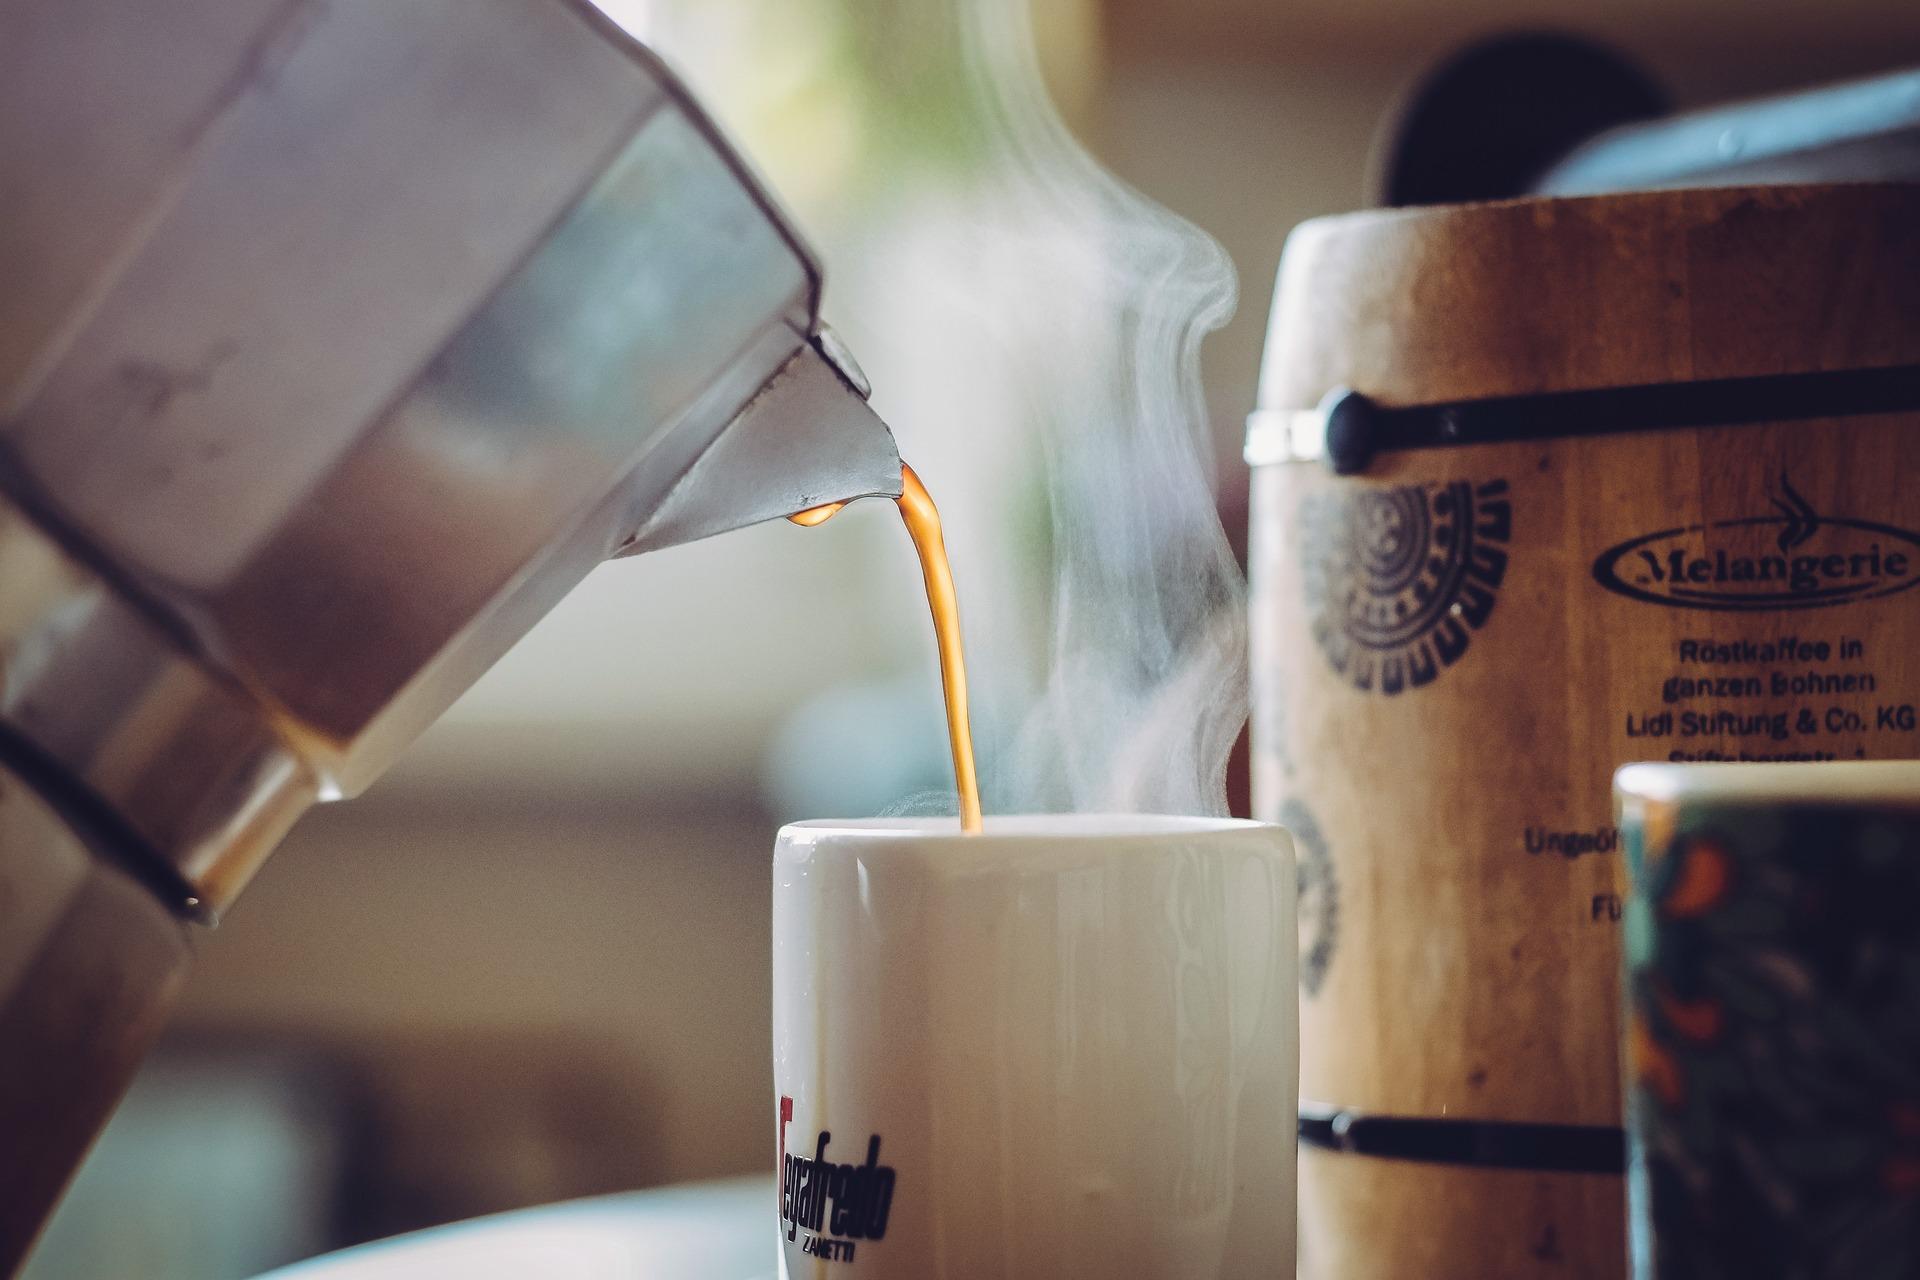 เครื่องชงกาแฟแบบคันโยก